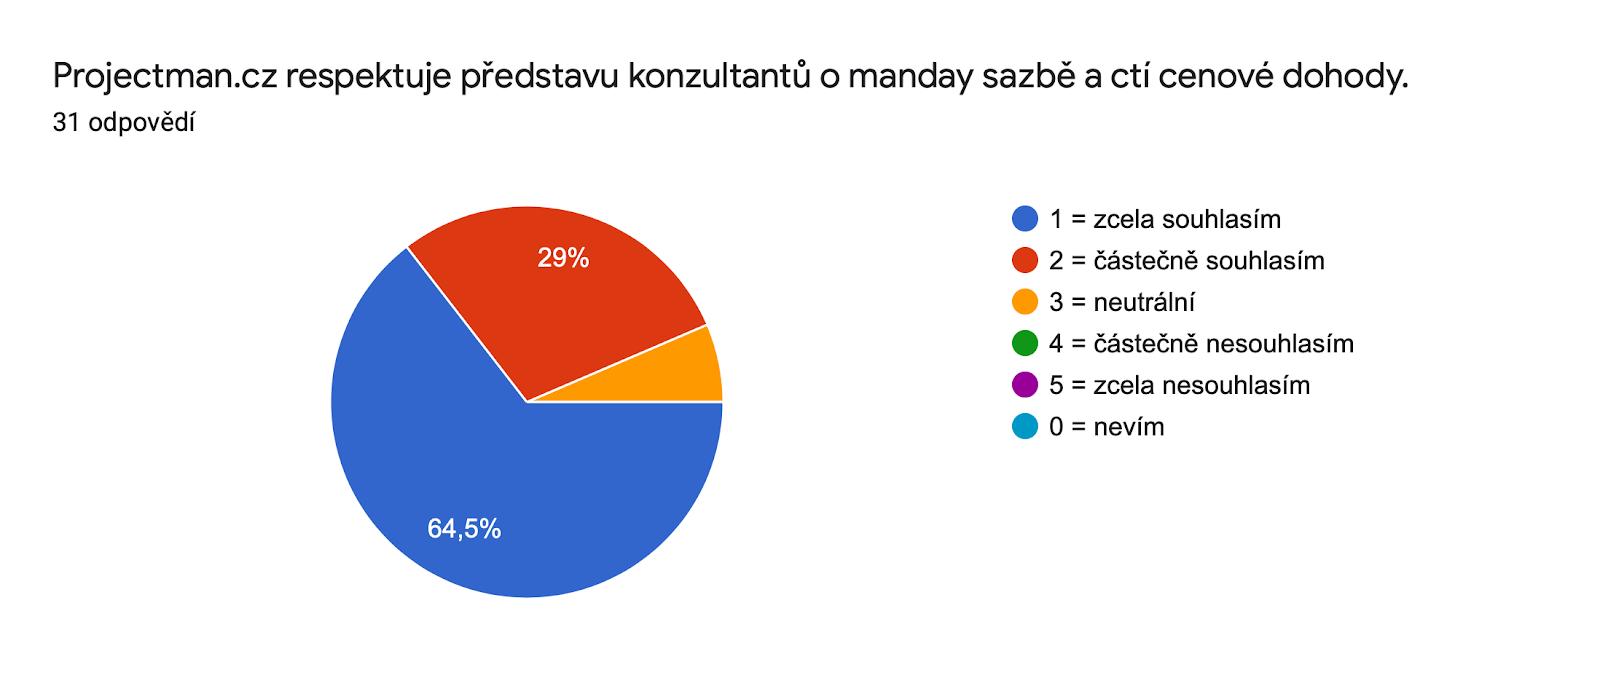 Graf odpovědí Formulářů. Název otázky: Projectman.cz respektuje představu konzultantů o manday sazbě a ctí cenové dohody.. Počet odpovědí: 31 odpovědí.